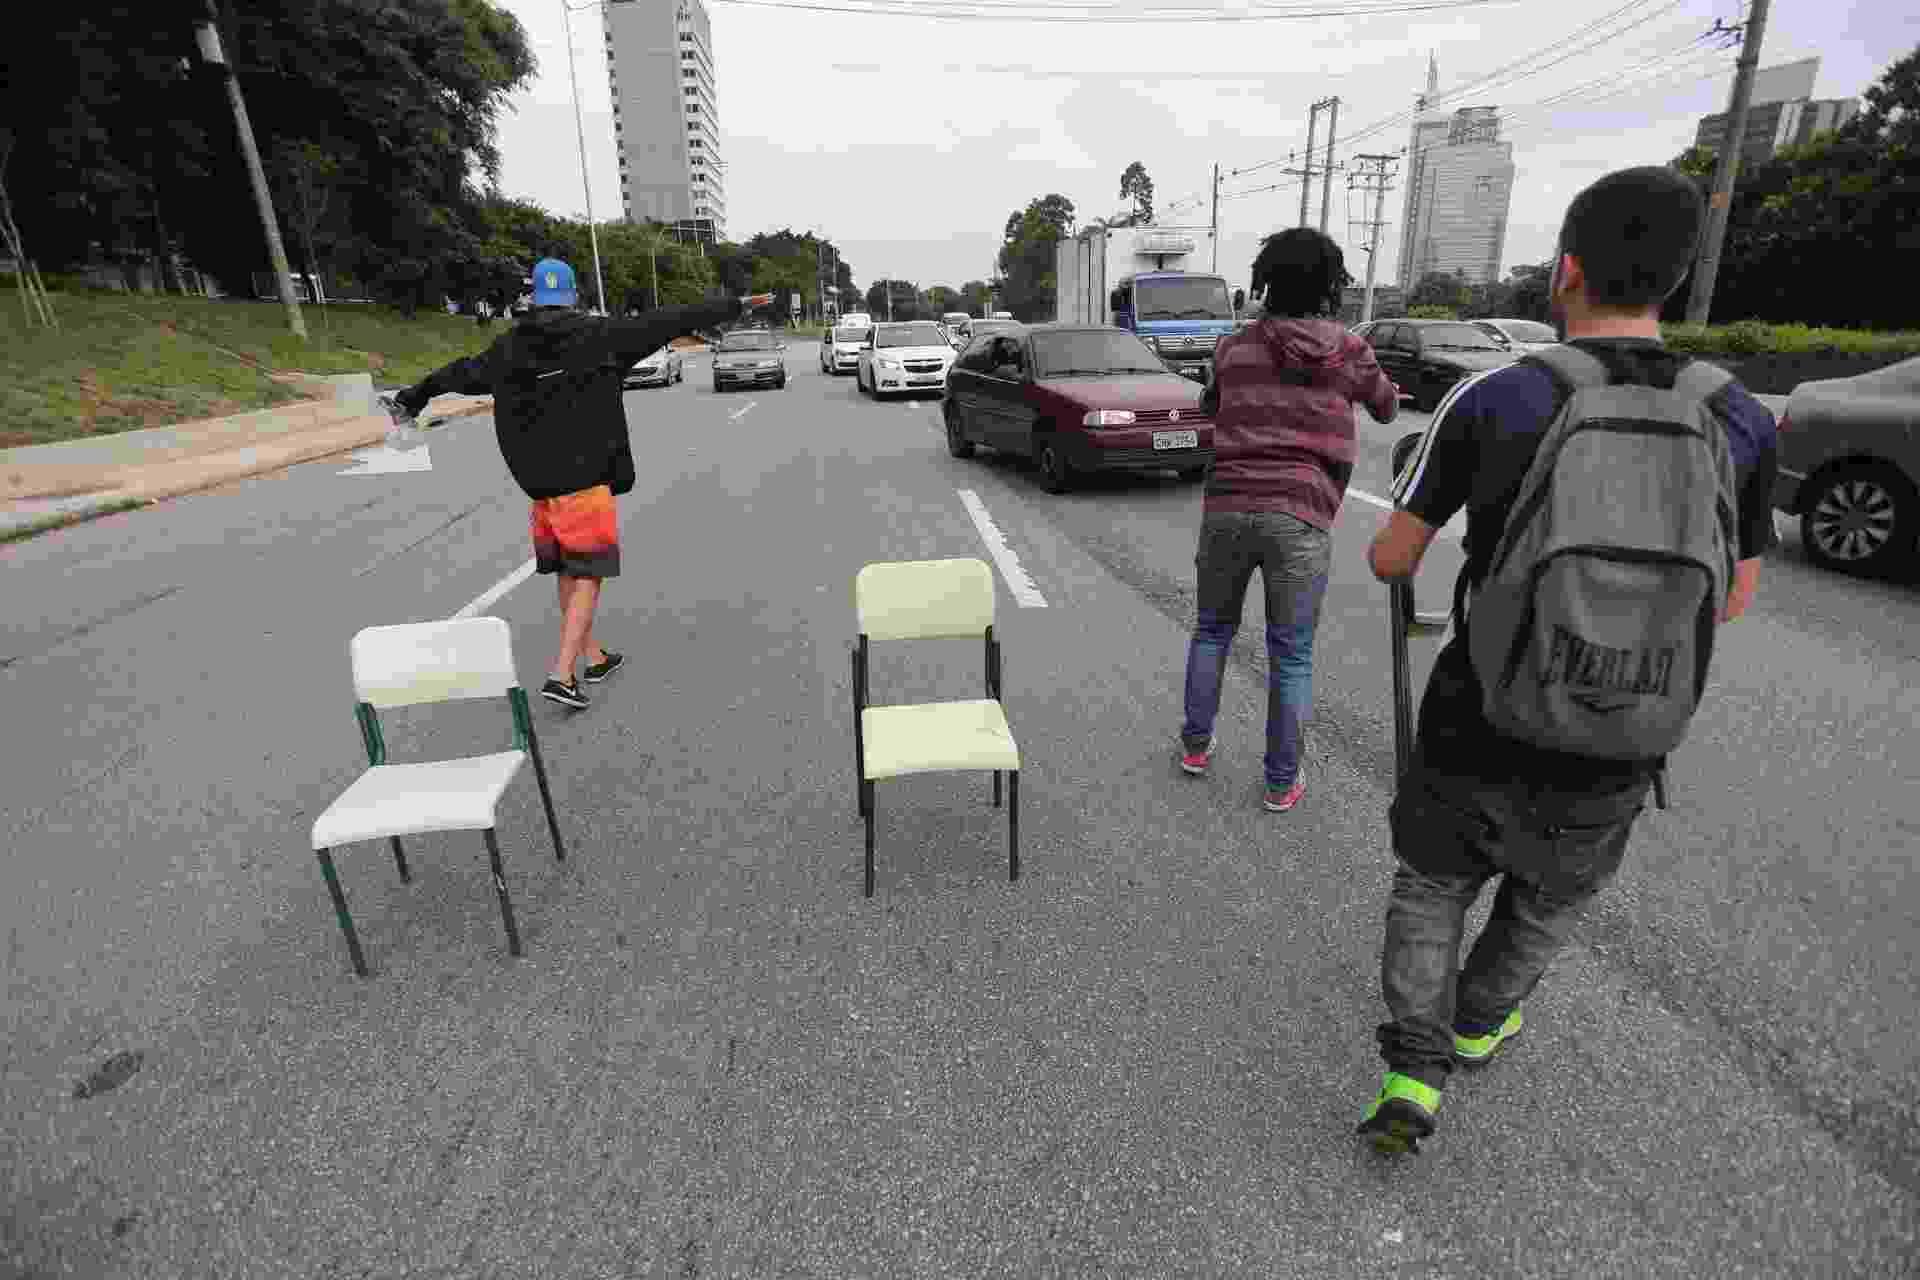 3.dez.2015 - Estudantes bloqueiam a marginal Pinheiros, na zona oeste de São Paulo, contra a reorganização escolar - Leonardo Benassatto/Futura Press/Estadão Conteúdo